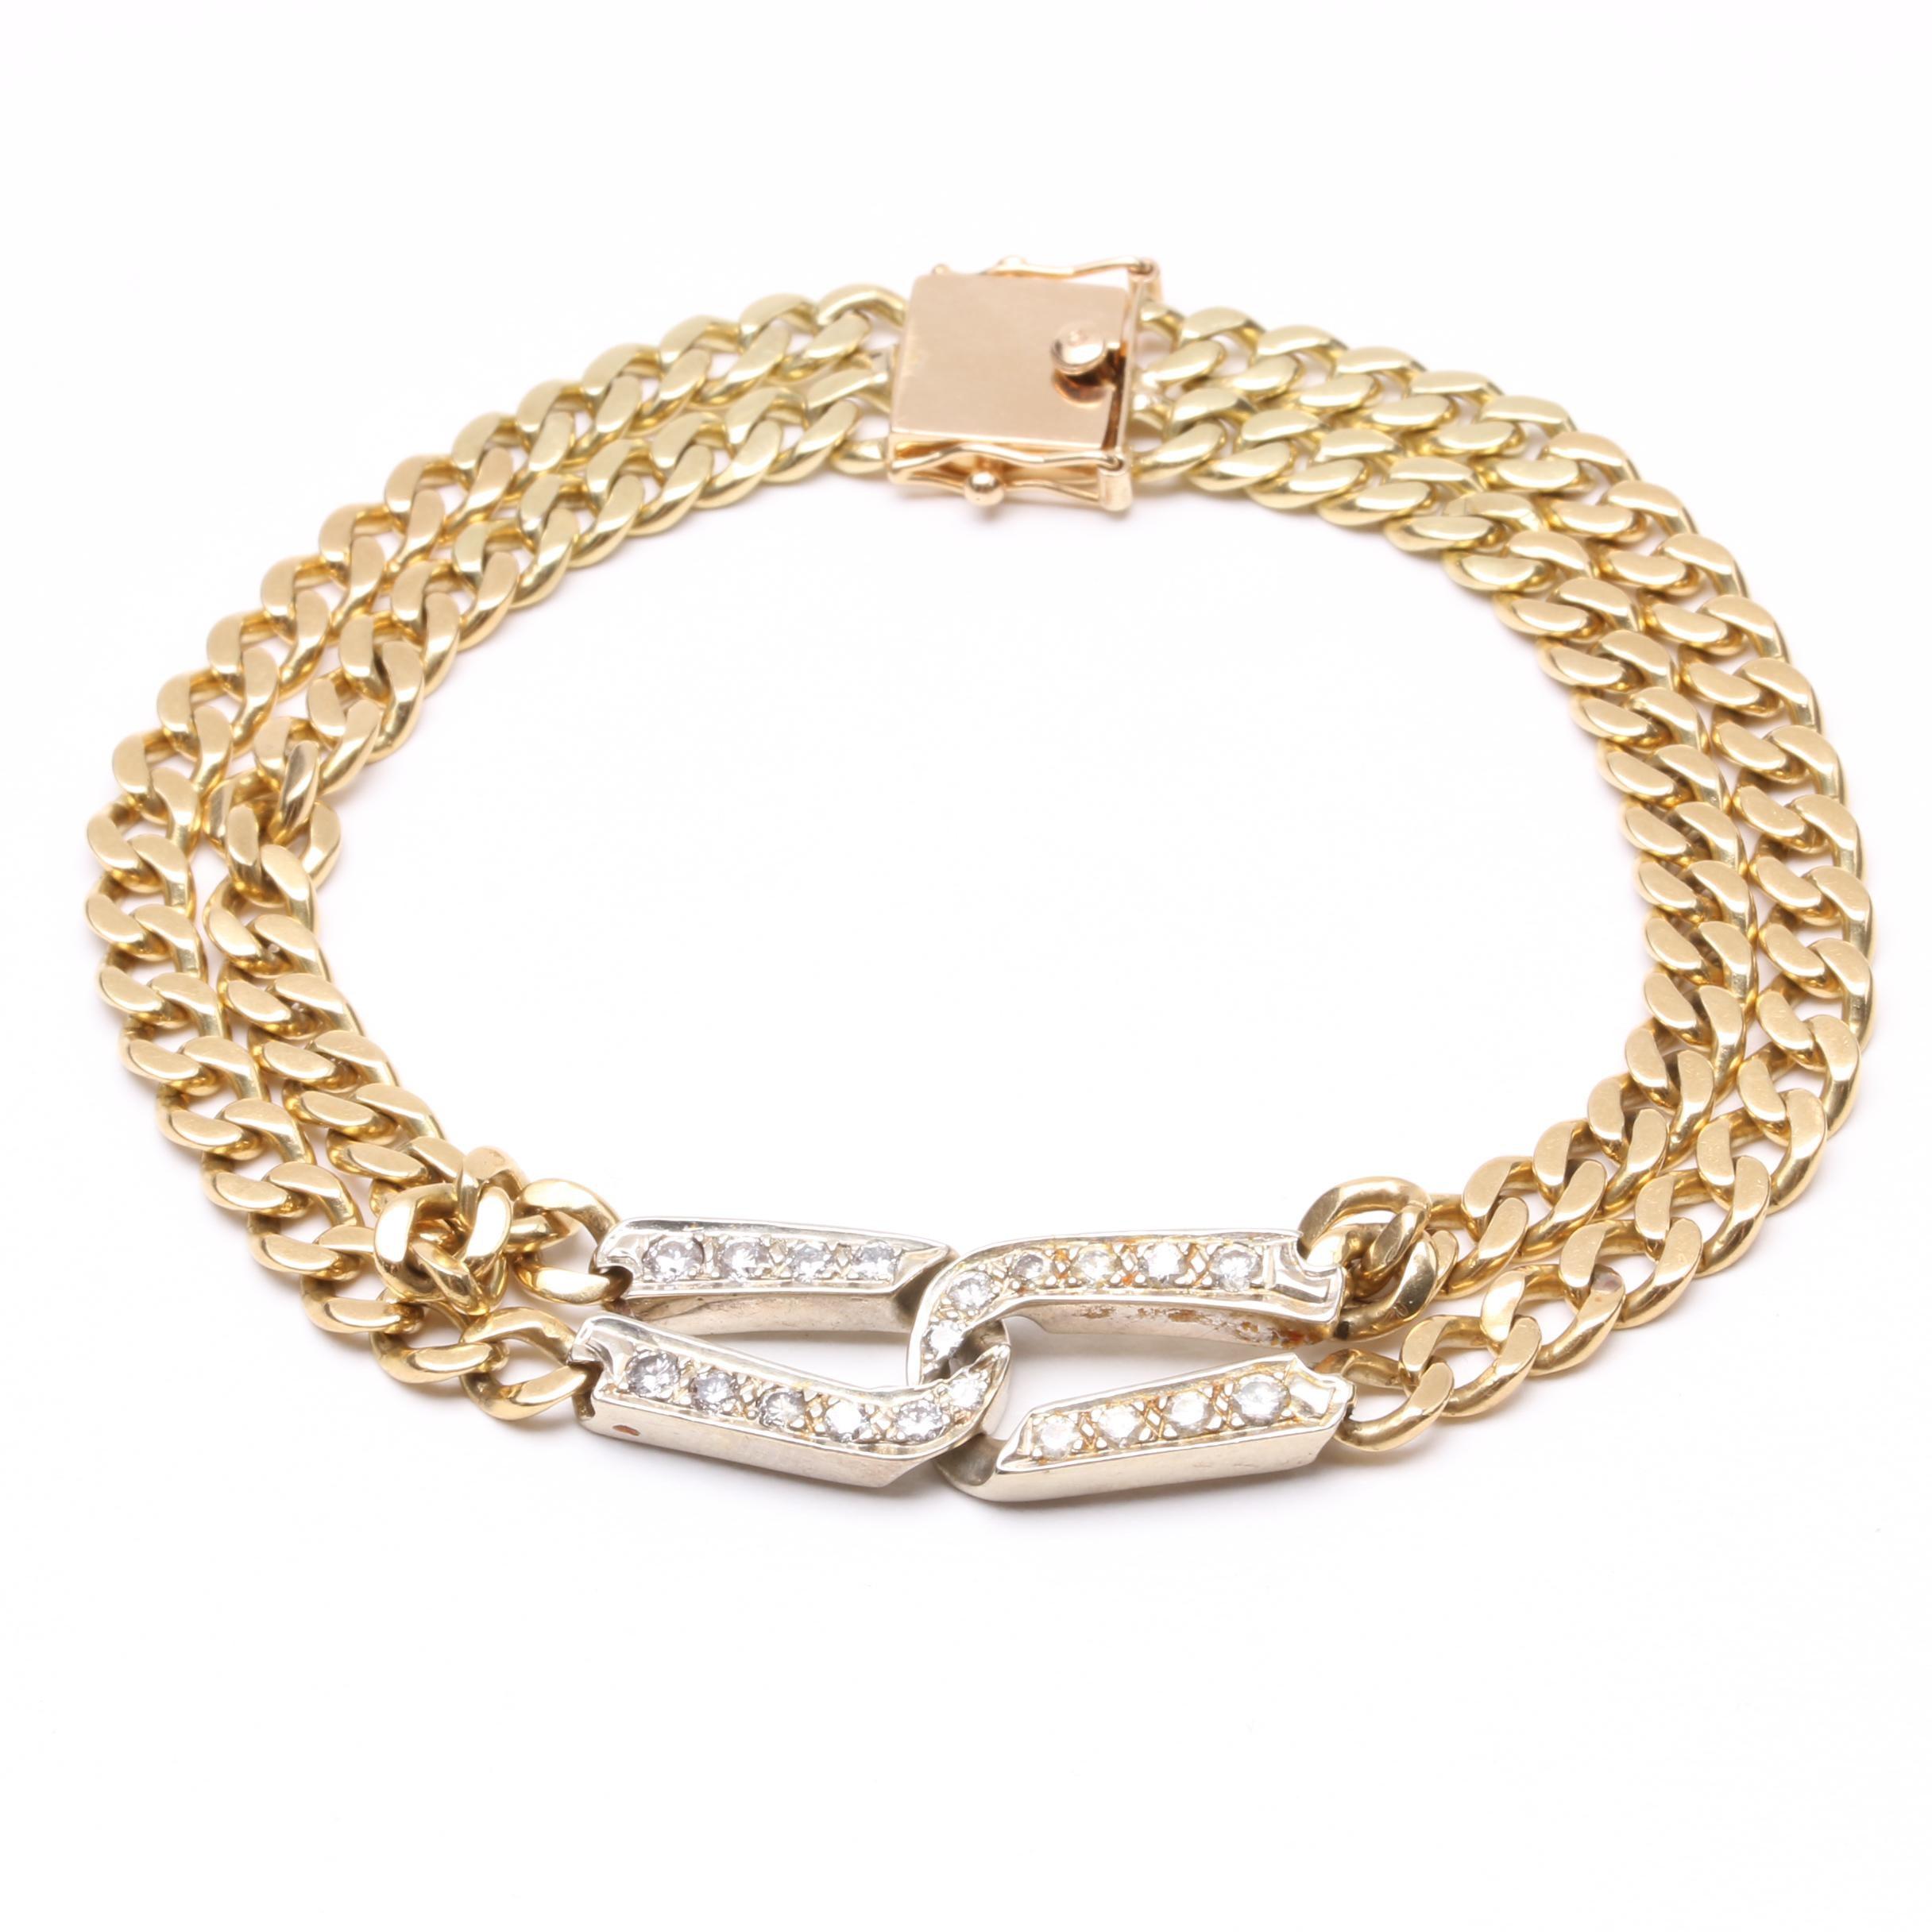 18K Yellow Gold Diamond Bracelet with 14K Clasp